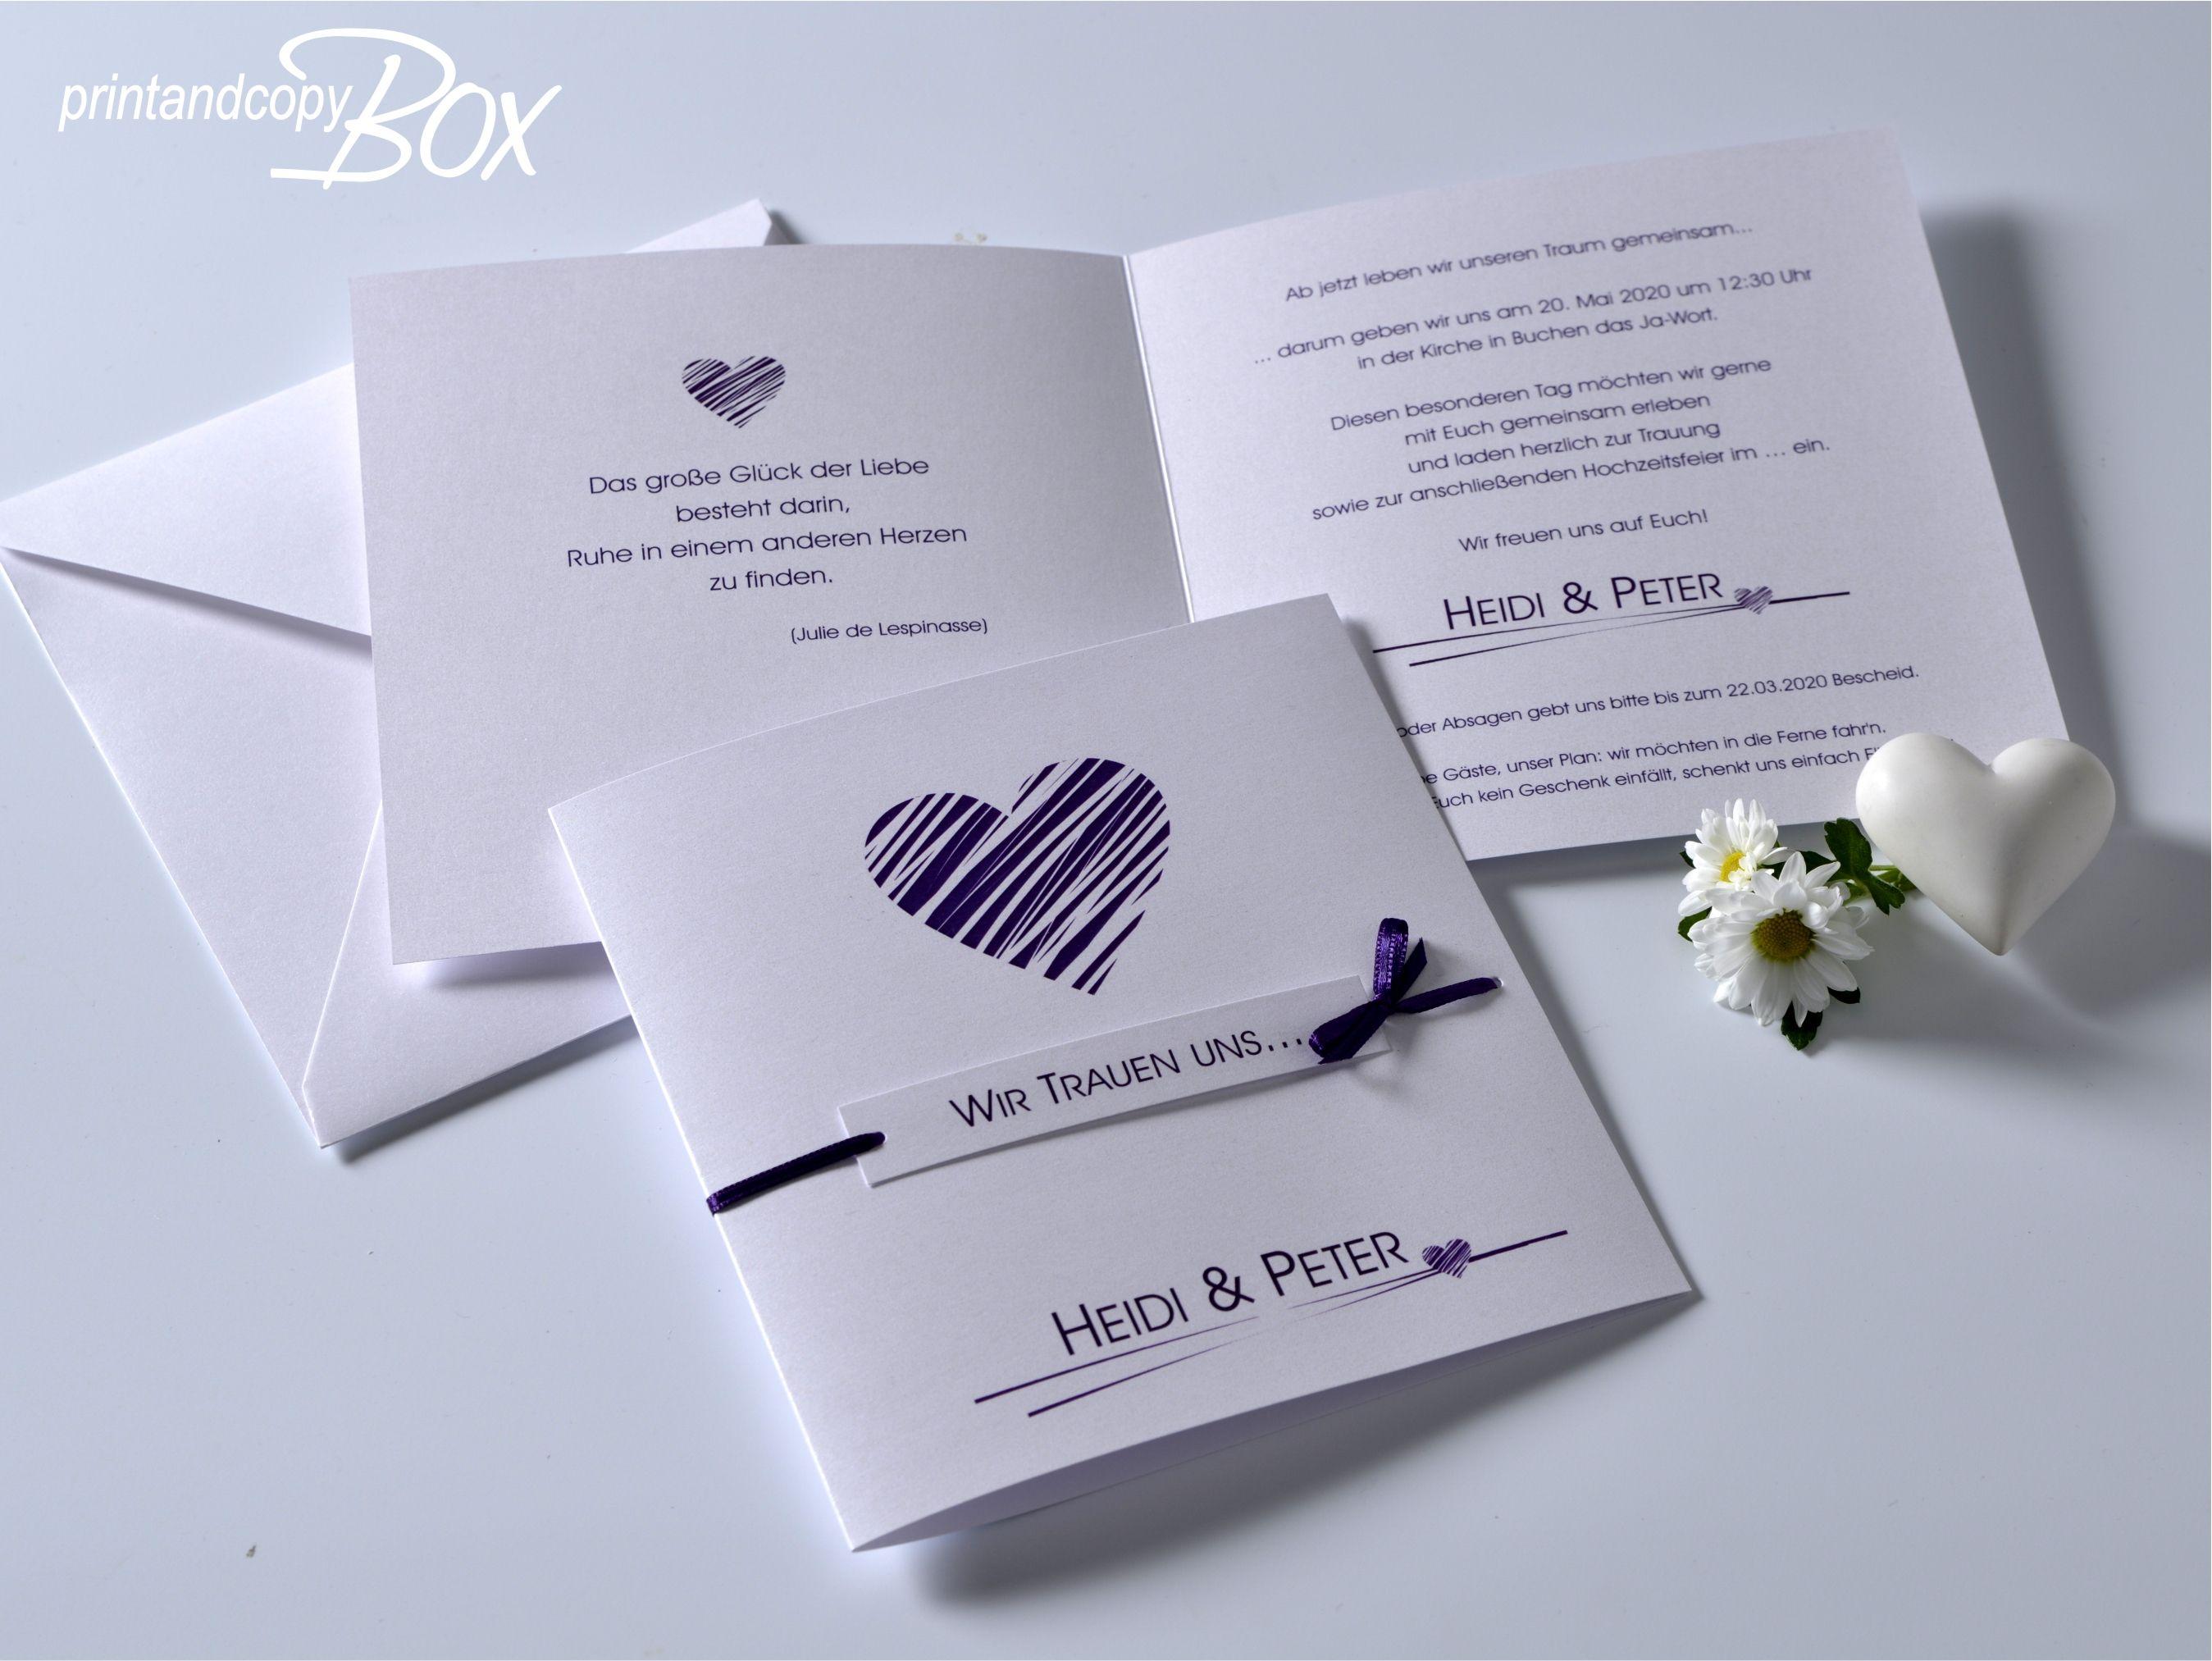 Hochzeitseinladung mit einem Herz in lila